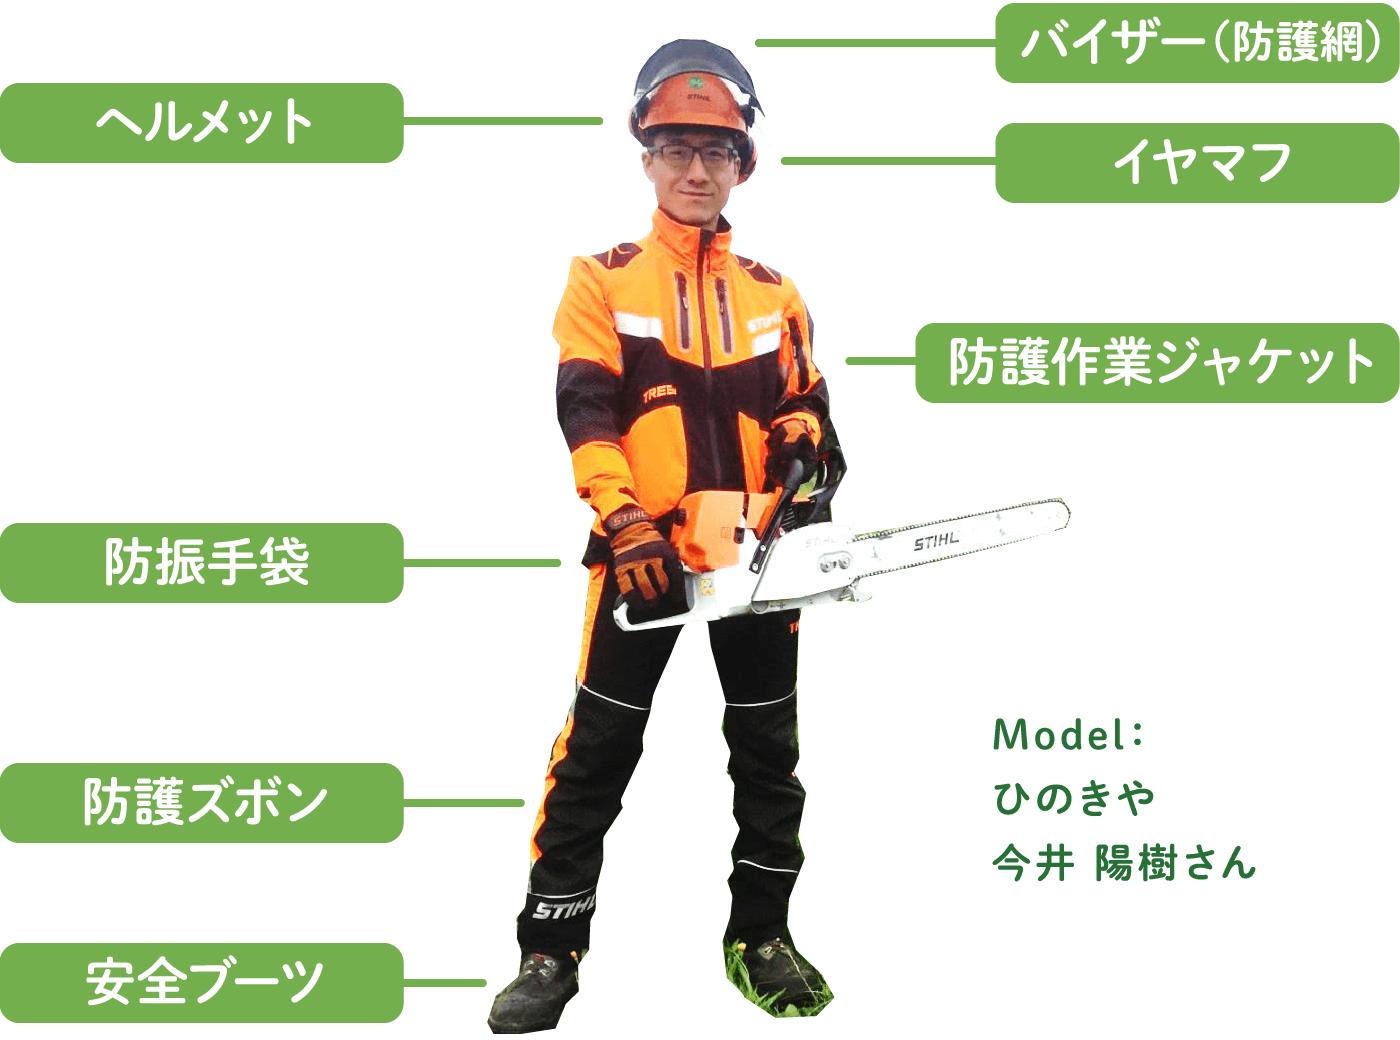 作業する人の装備品一覧 冬